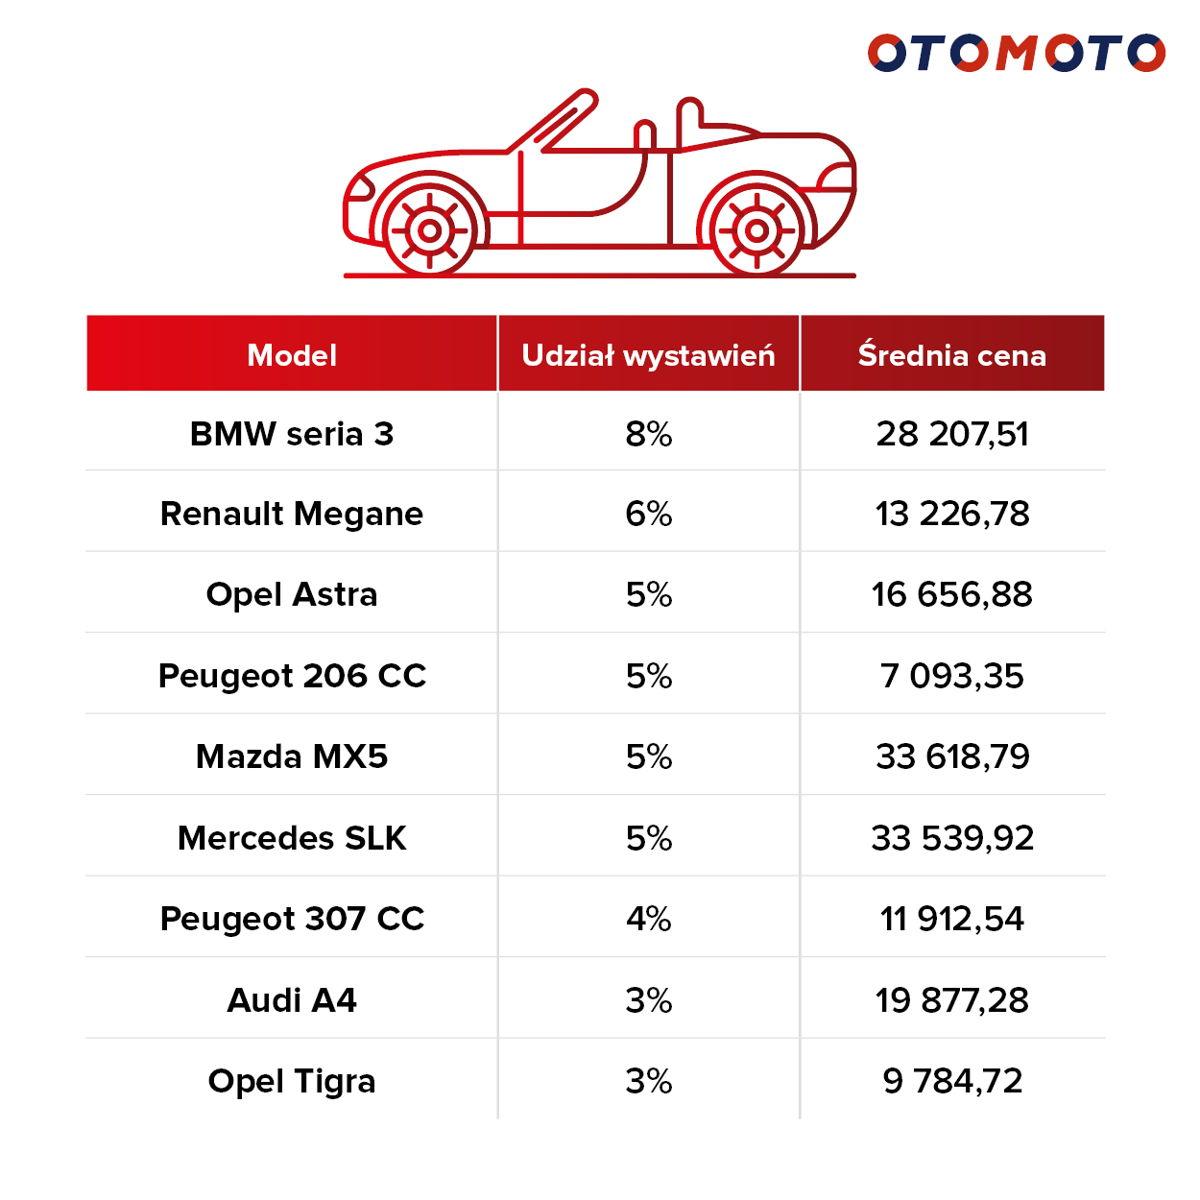 Top 10 najpopularniejszych kabrioletów do 35 tys. zł wystawianych w OTOMOTO w okresie 05.18.-05.19.